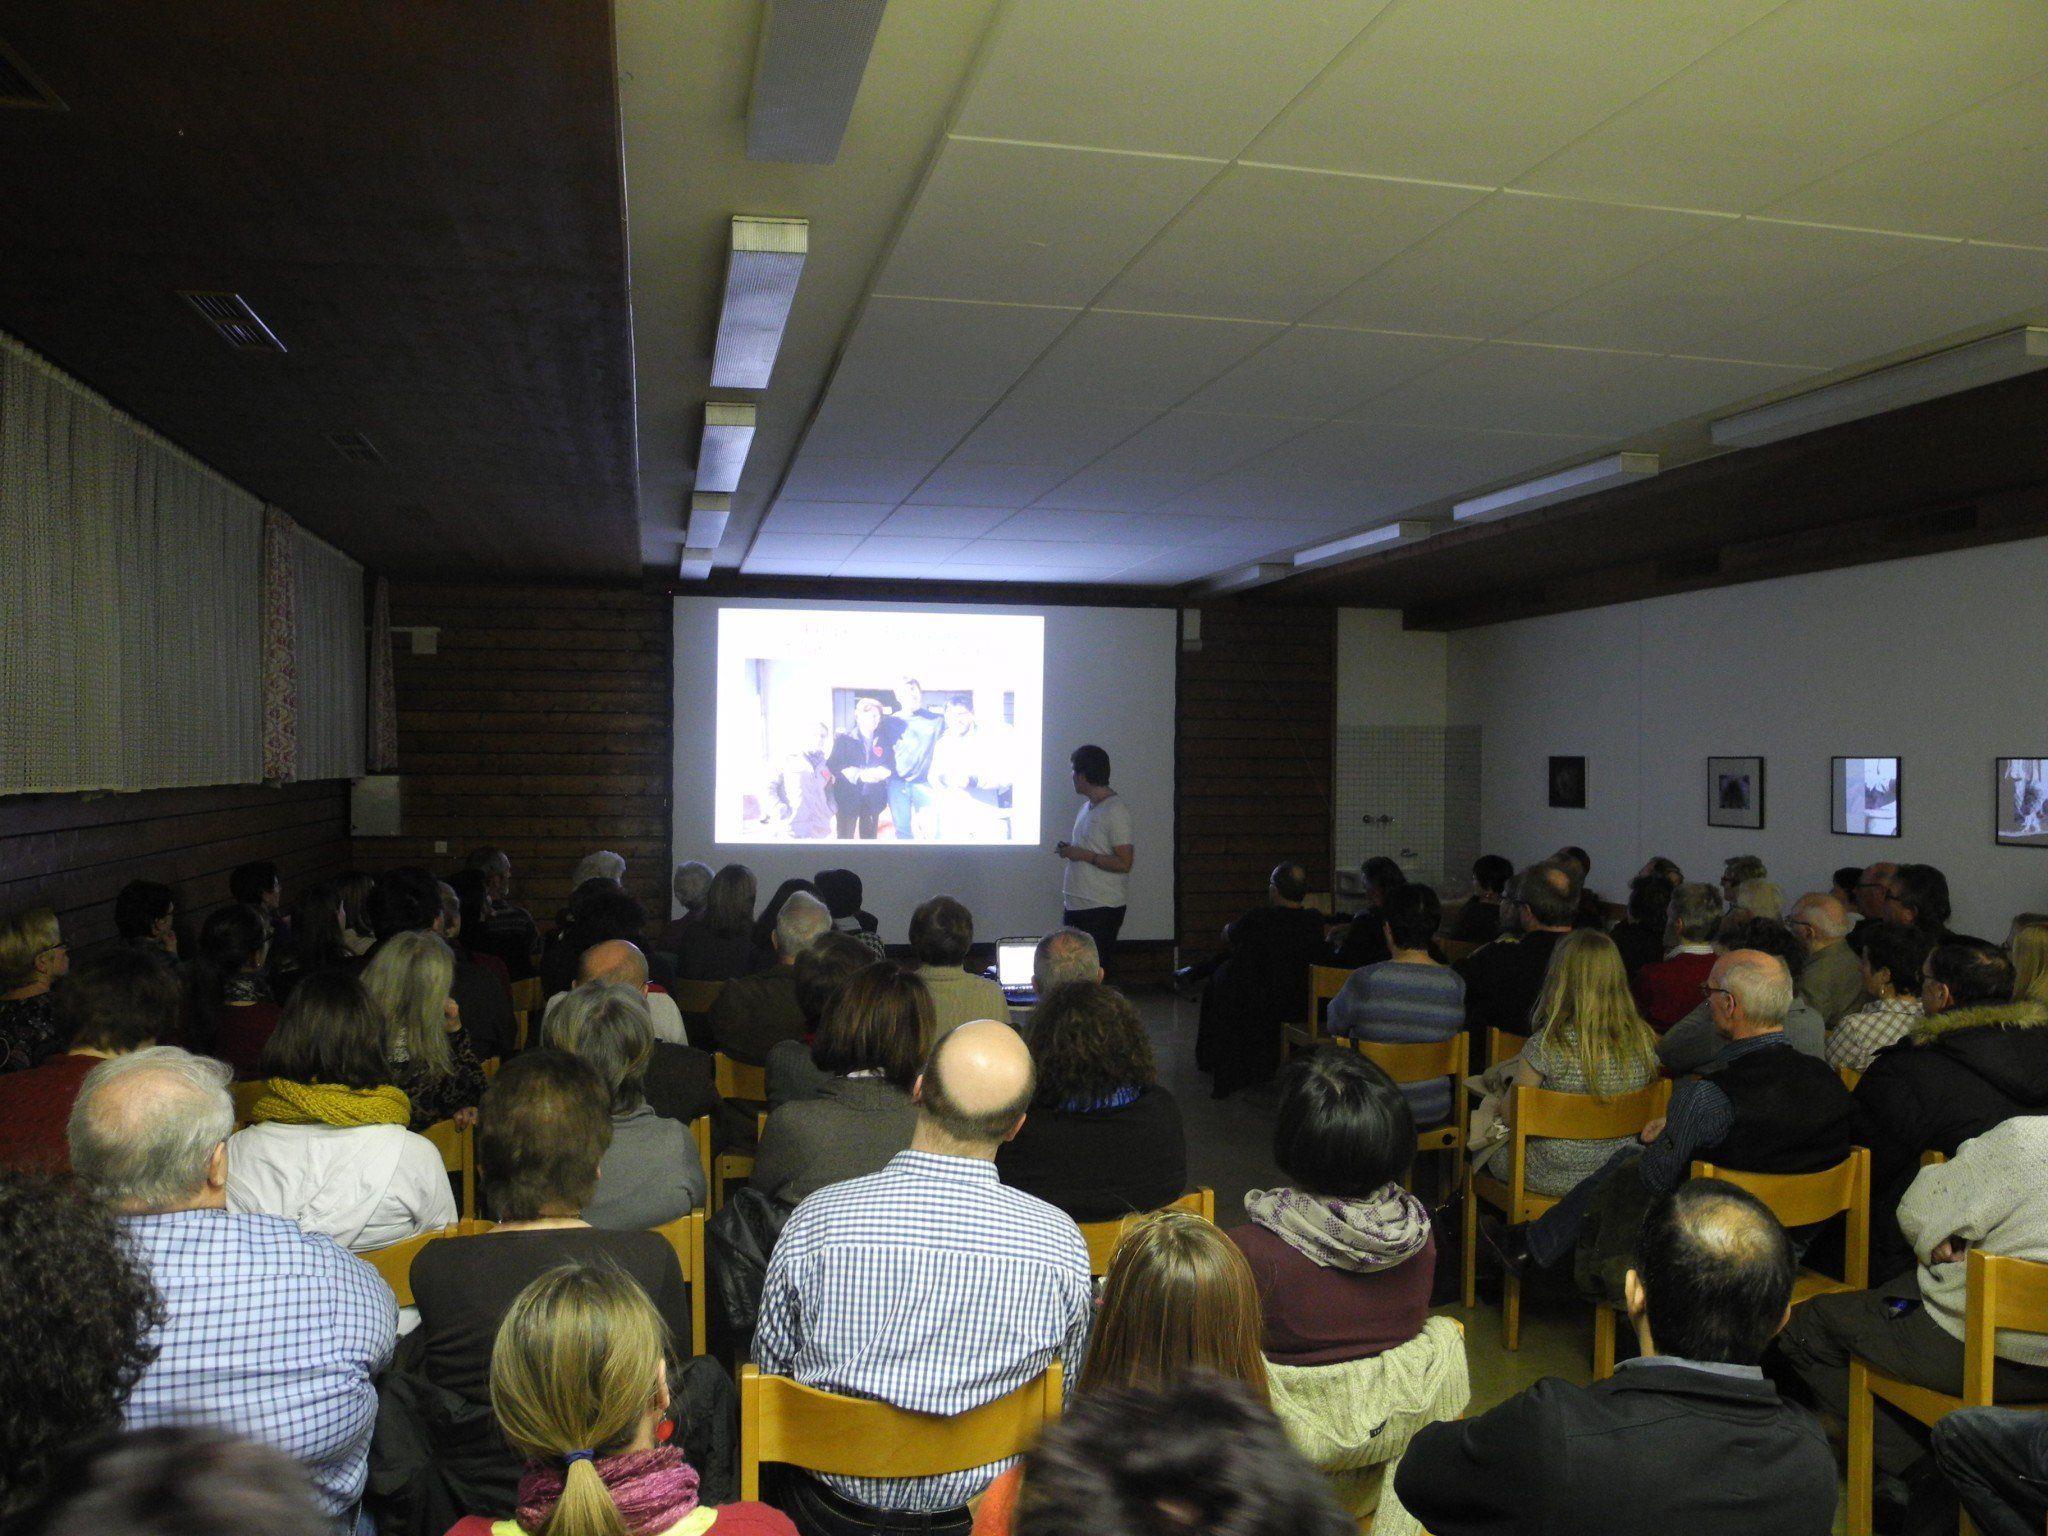 120 Gäste kamen zum Bildervortrag von Philipp Scheffknecht in Nofels